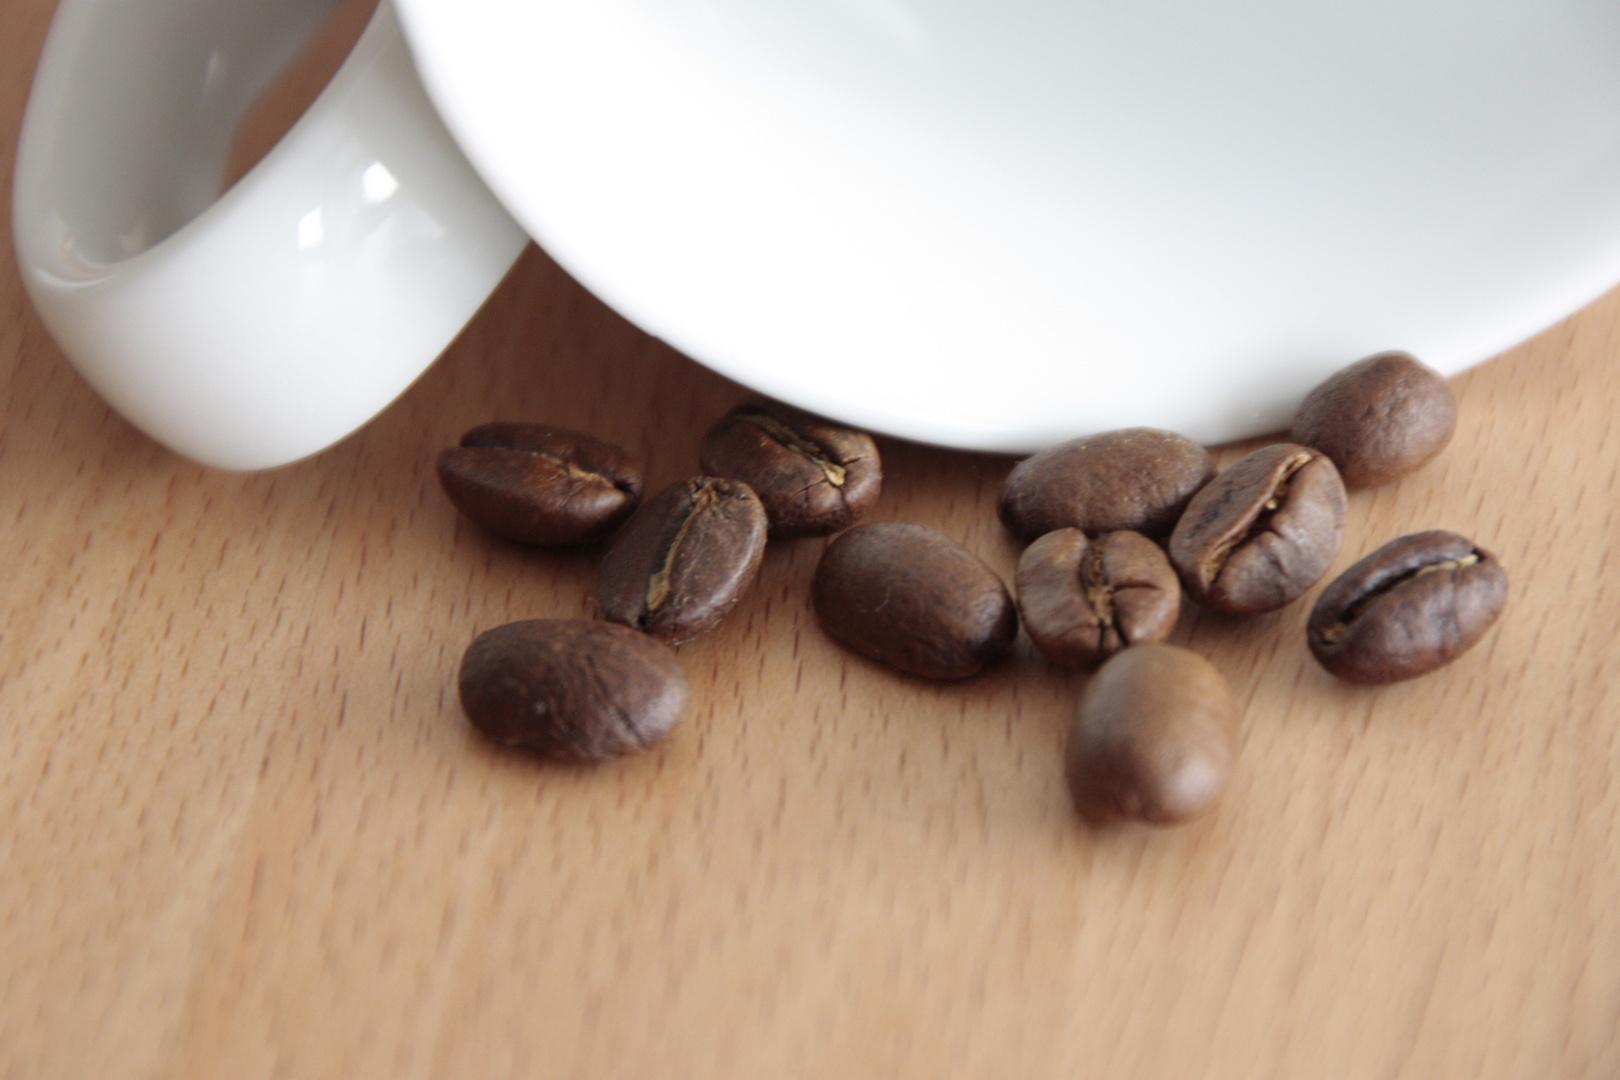 Kaffee + Tasse = Kaffeetasse